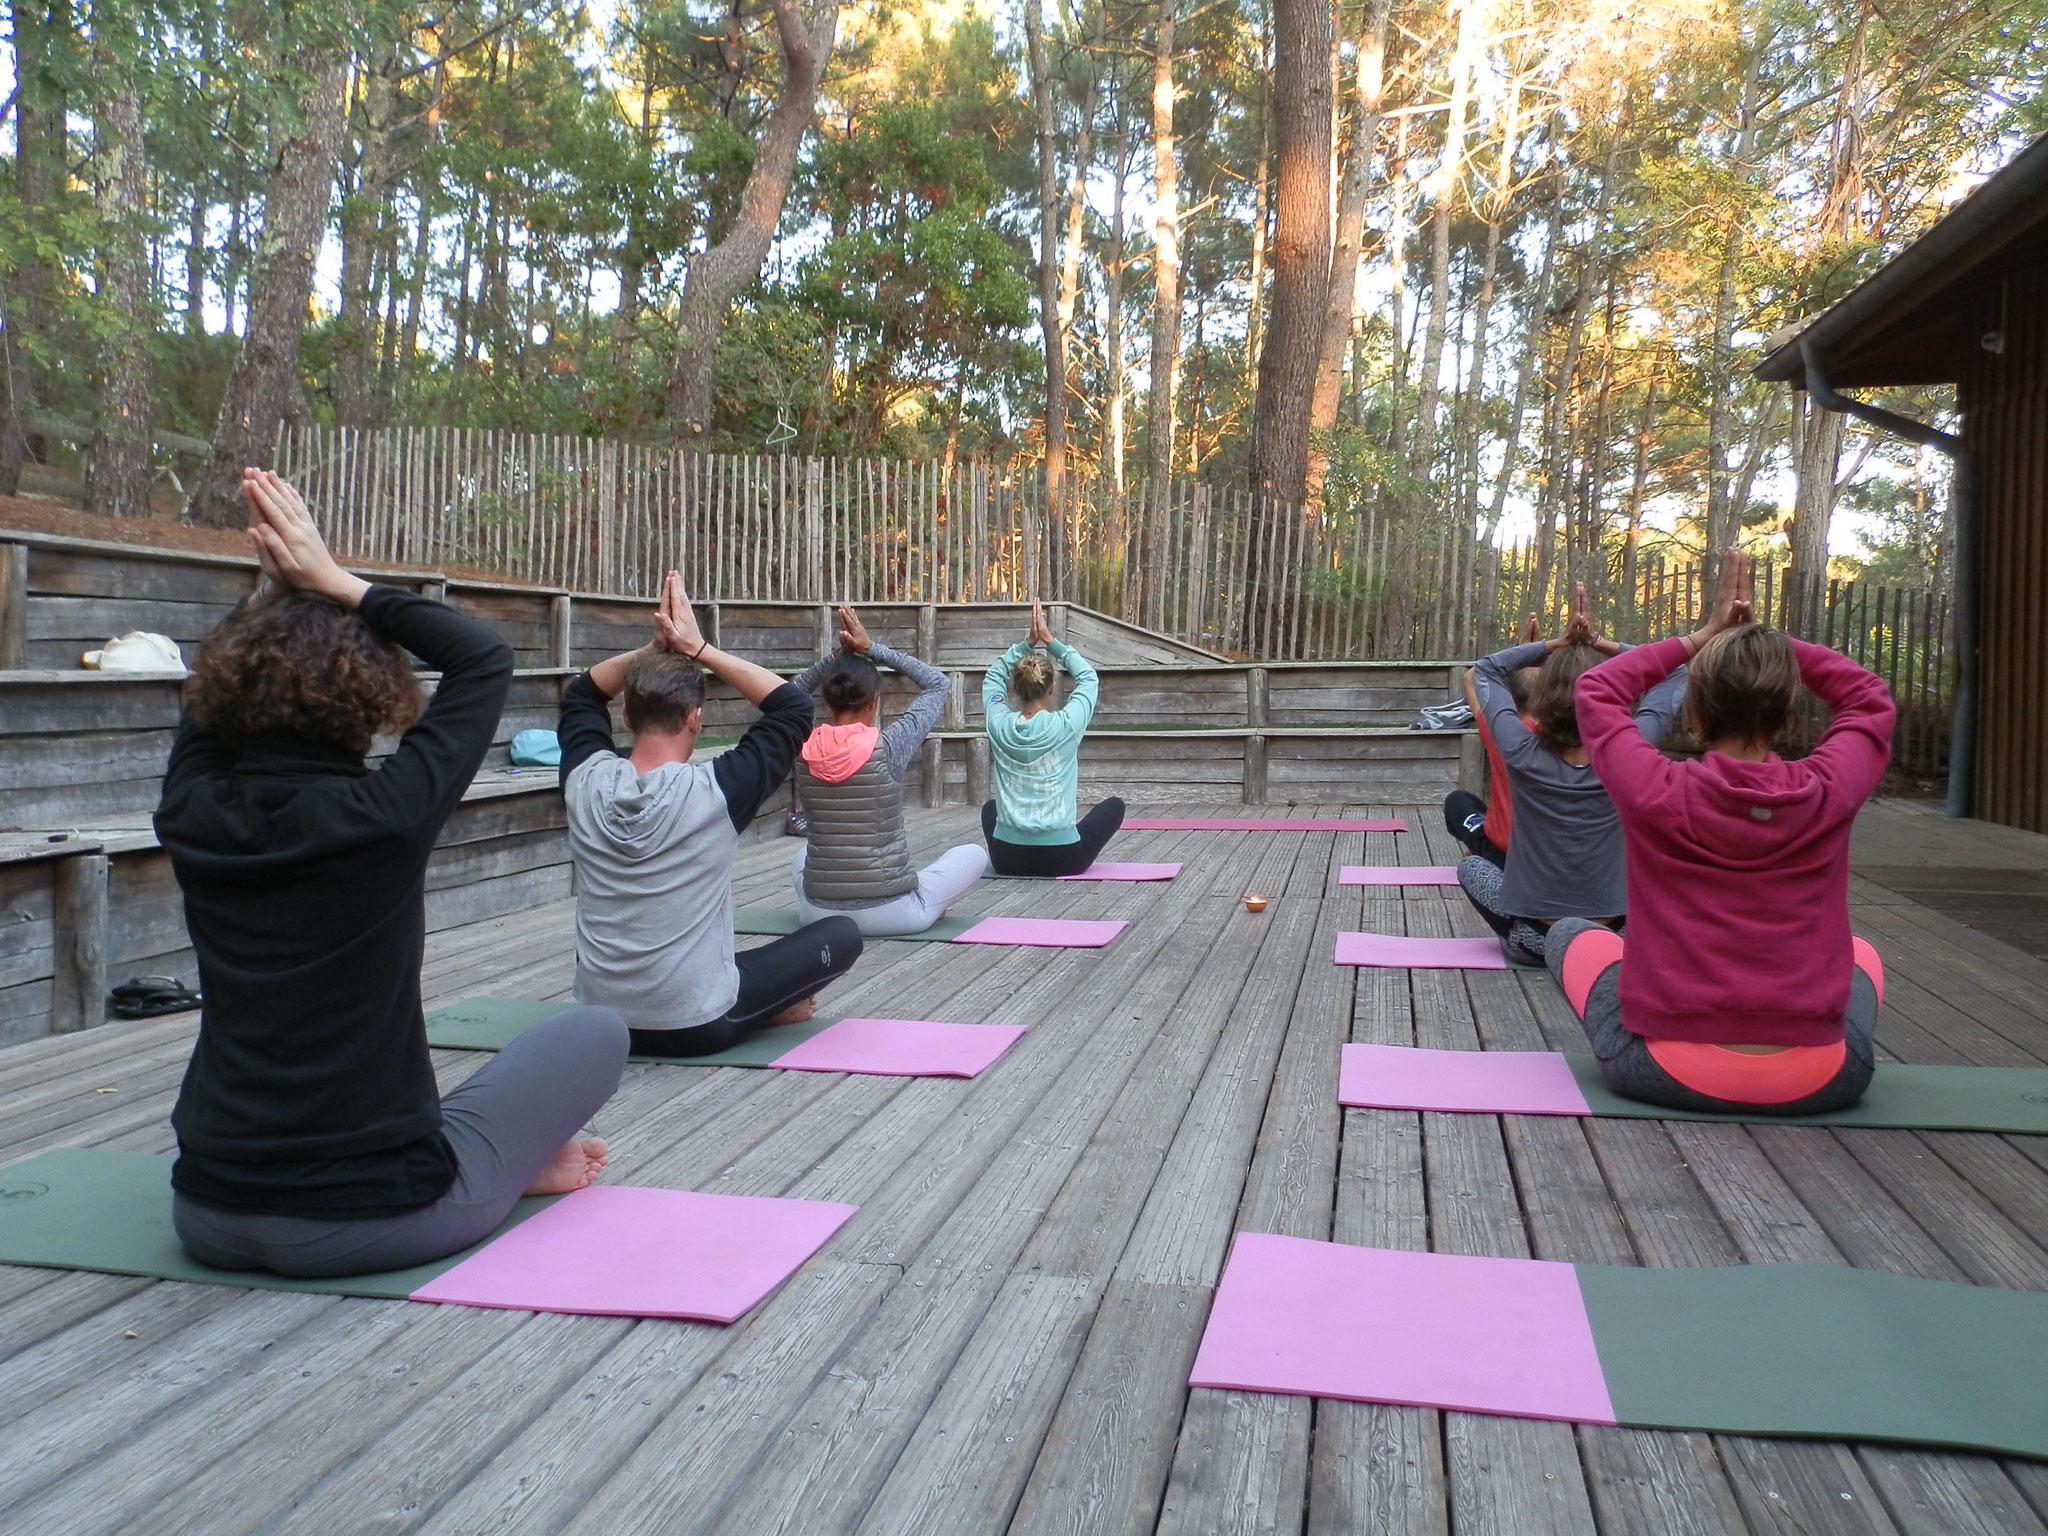 Séance de yoga en extérieur, au Surf Club de la Presqu'île, Plage du Grand Crohot à Lège